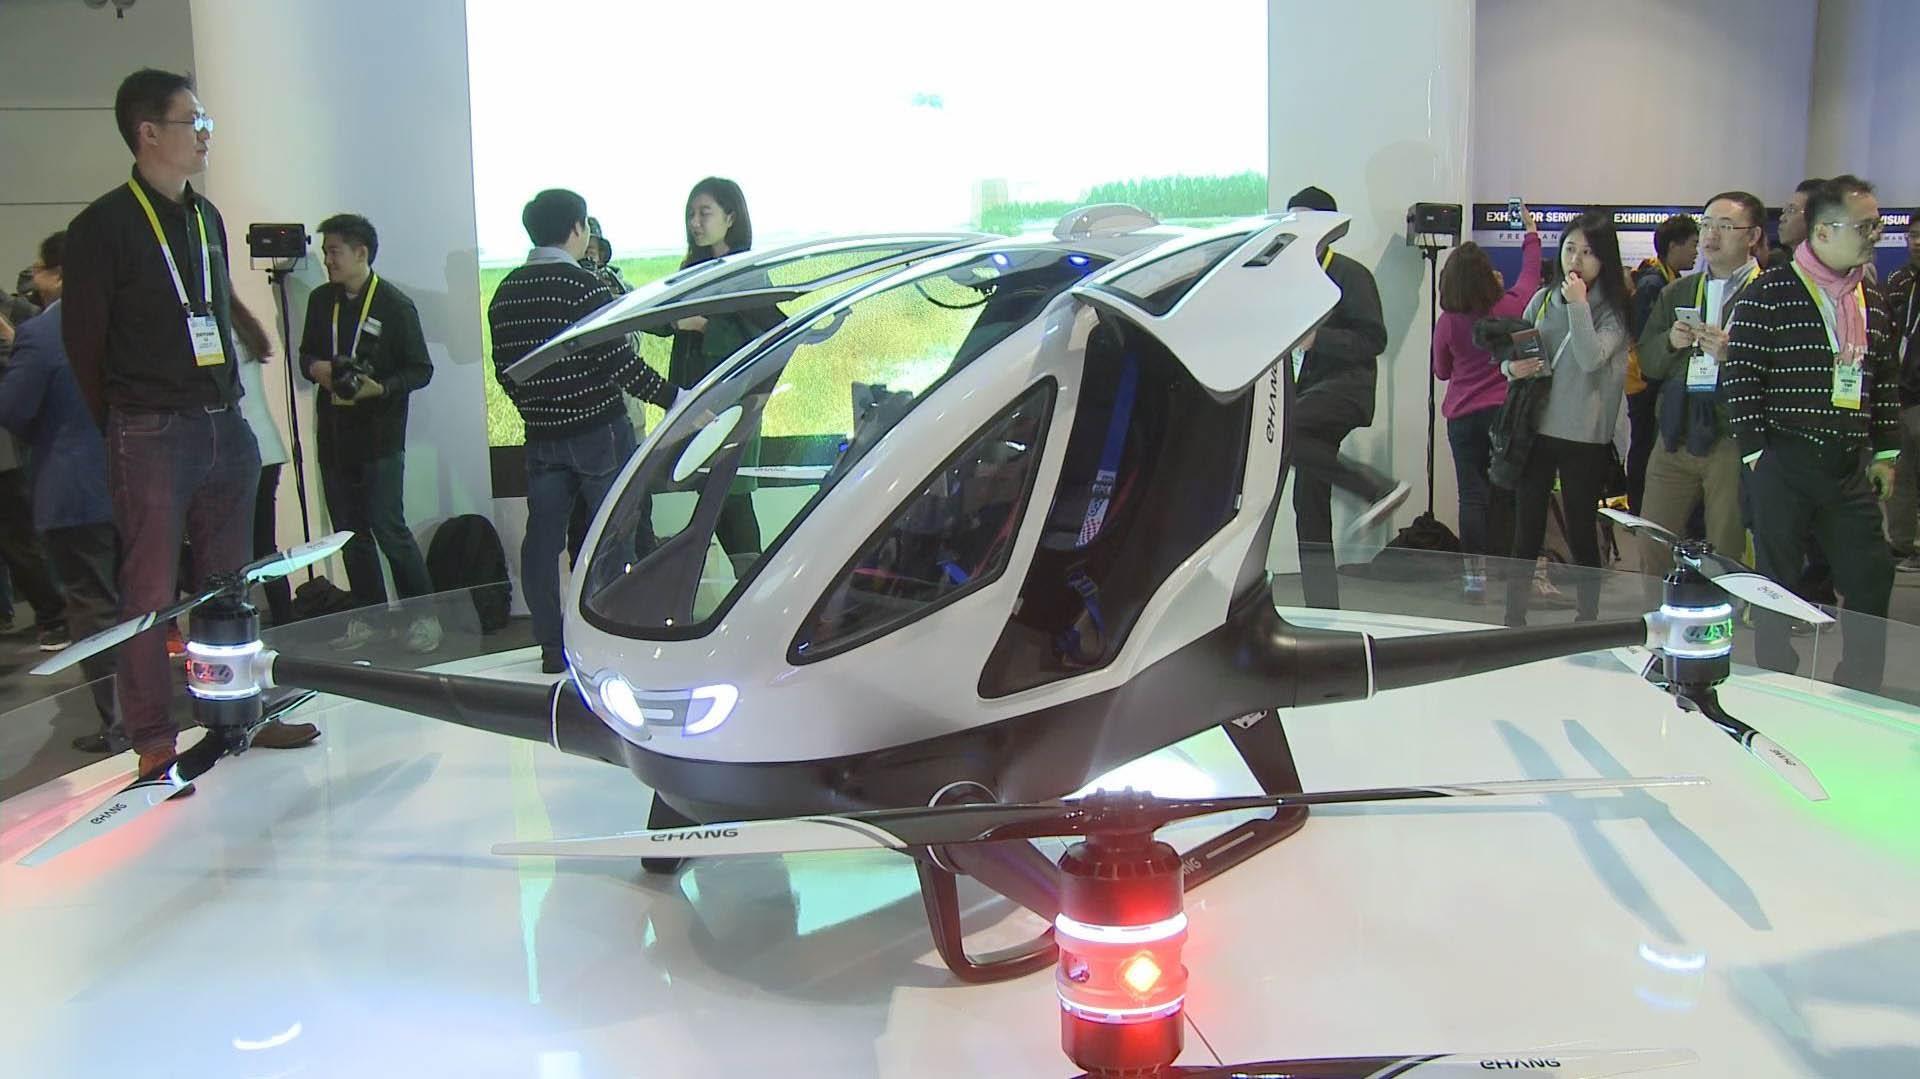 El dispositivochino fue presentado en una exposición de tecnología en Las Vegas